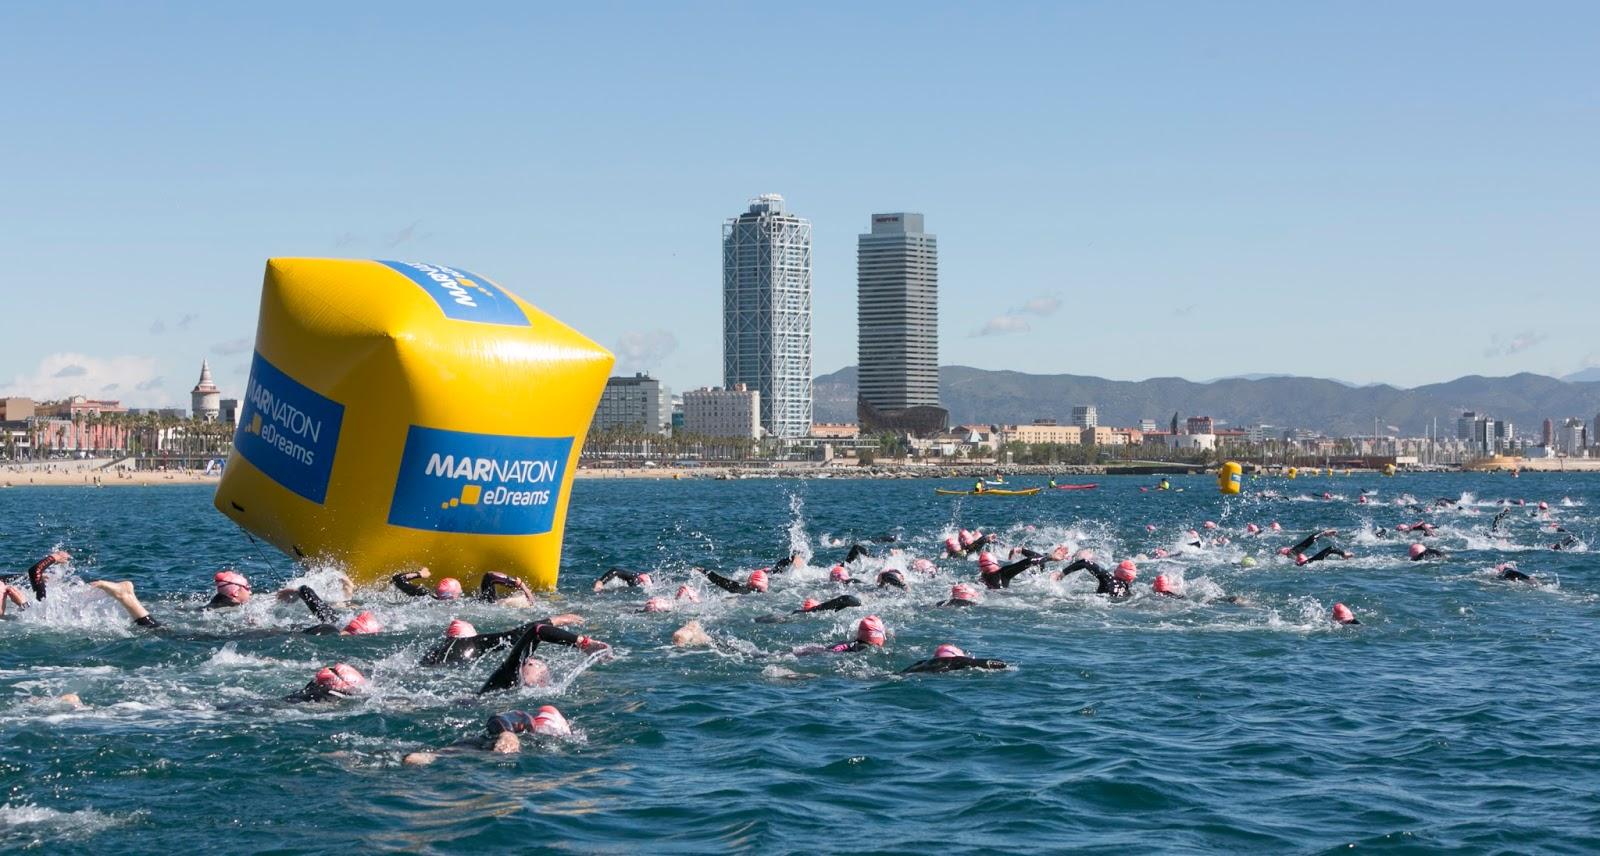 La travesía de natación de Barcelona